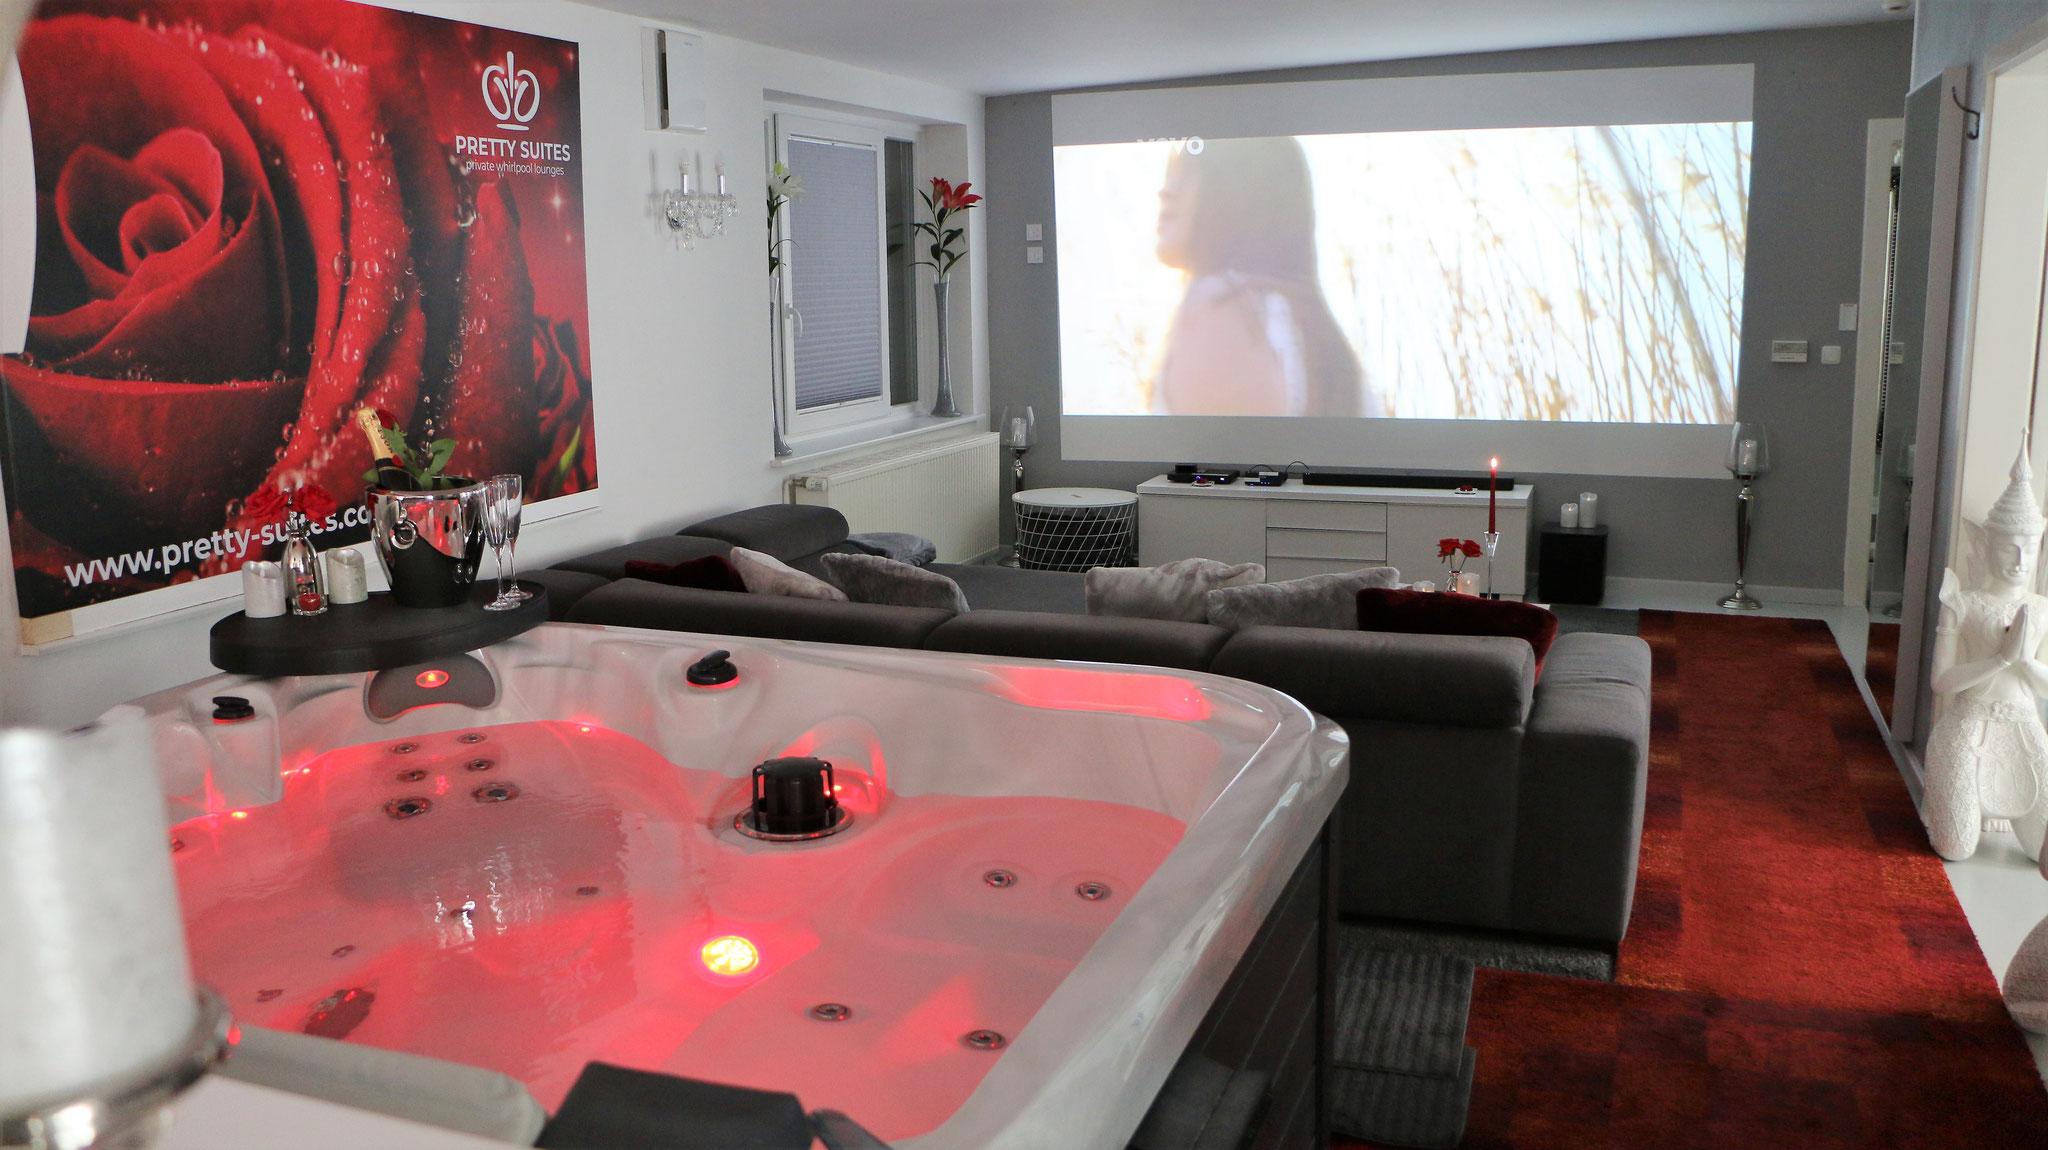 JB Whirlpool Suite Hamburg   JB Whirlpool Suite Hamburg